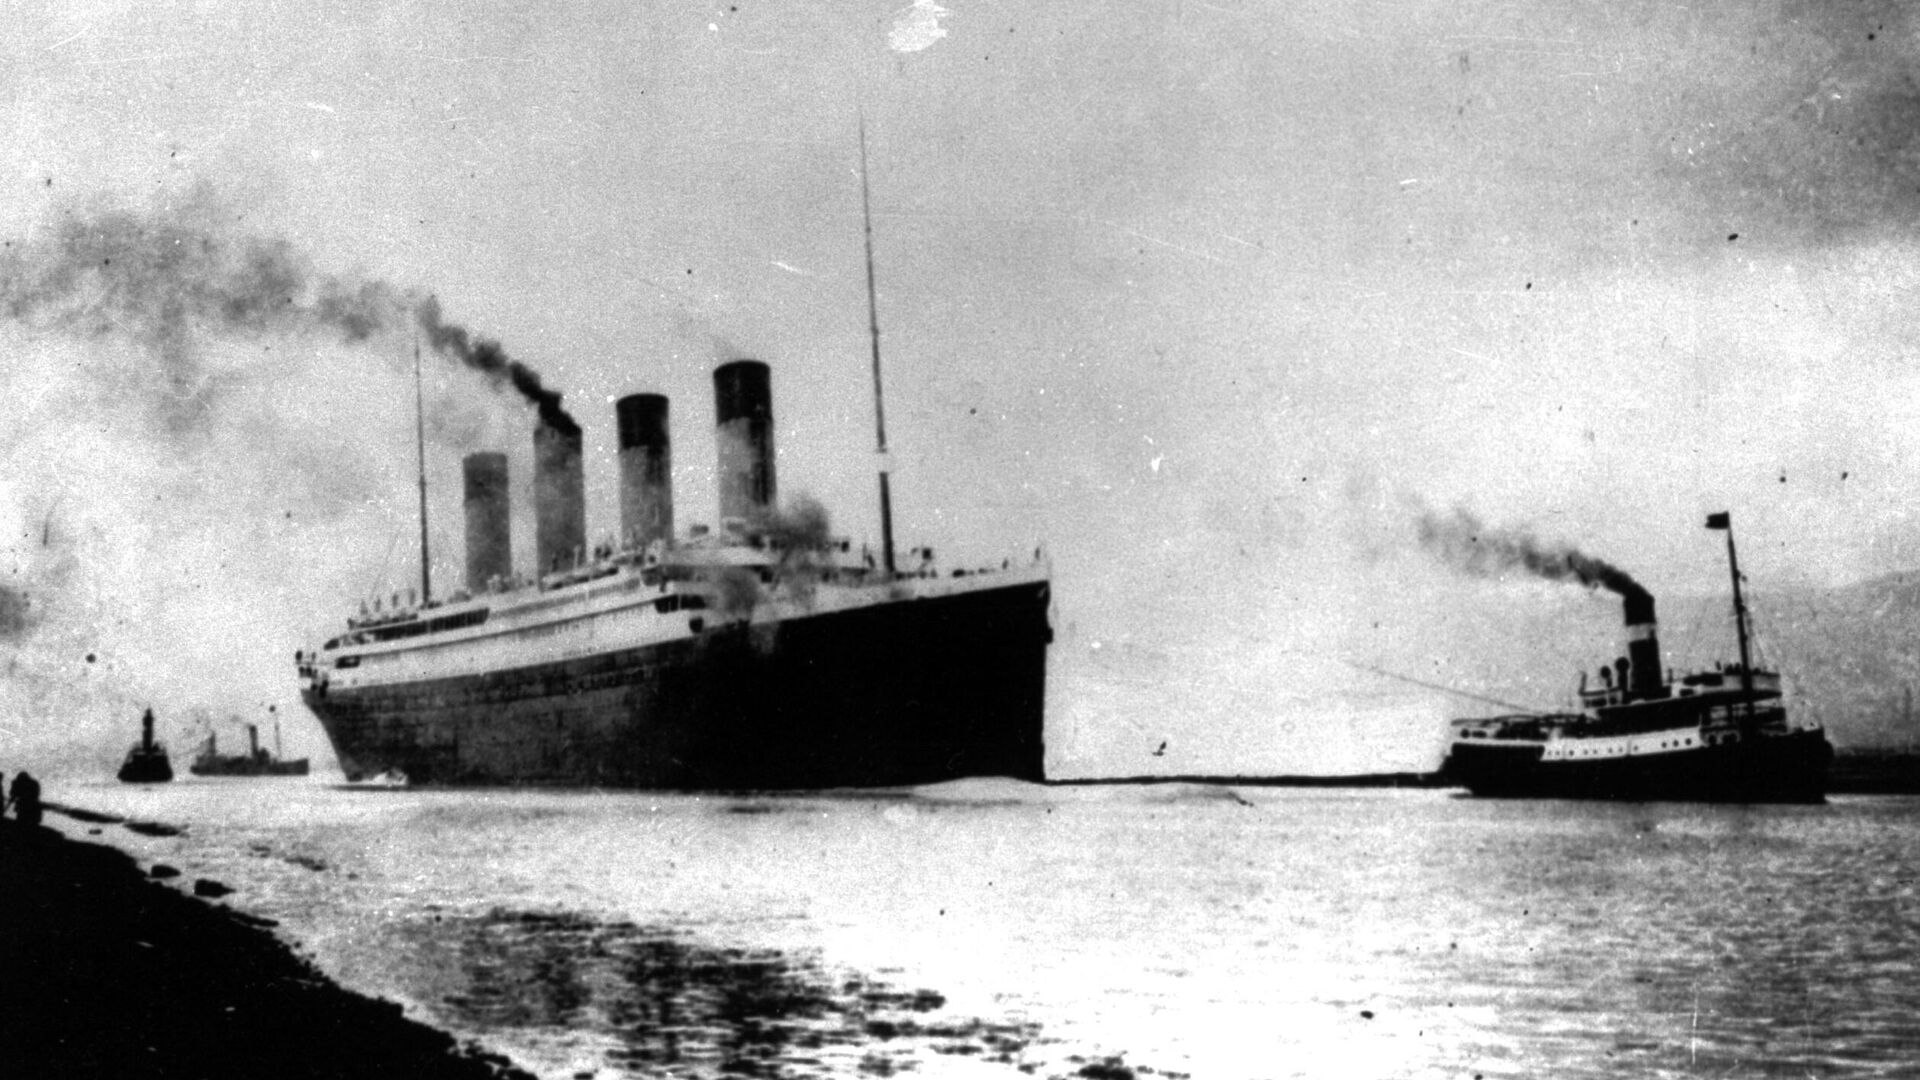 El Titanic sale del puerto de Southampton (Reino Unido) en su primer viaje por el Atlántico - Sputnik Mundo, 1920, 05.08.2021